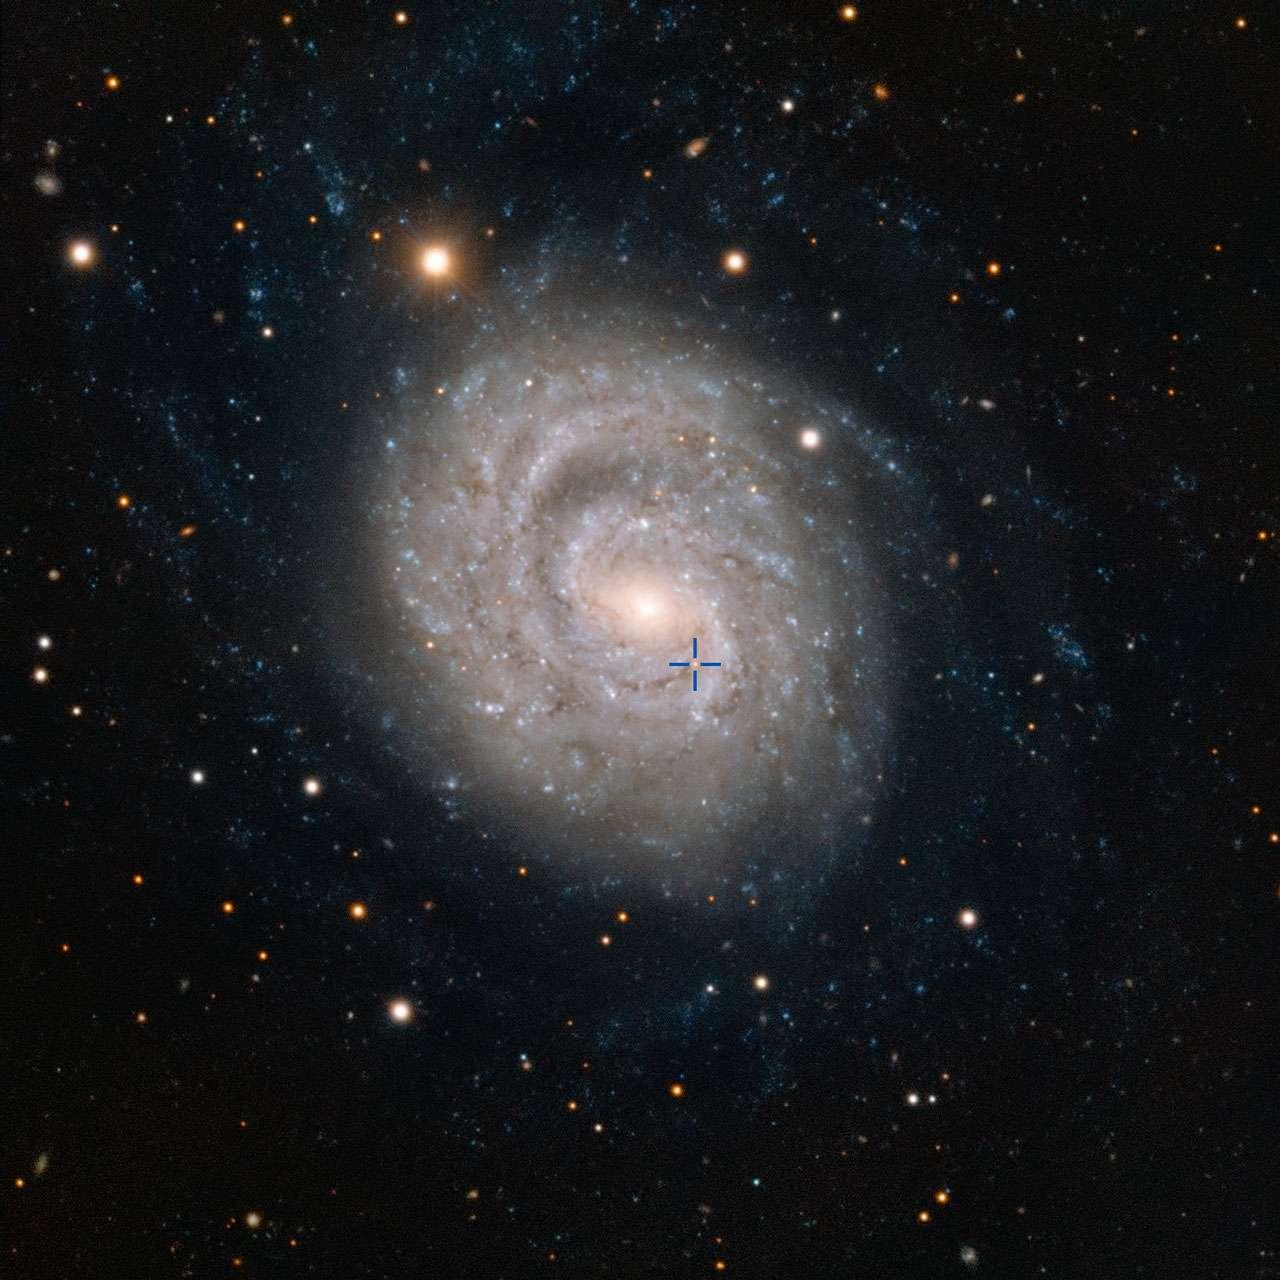 Cette image acquise par le Very Large Telescope de l'ESO à l'observatoire de Paranal au Chili montre NGC 1637, une galaxie spirale située à environ 35 millions d'années-lumière dans la constellation de l'Éridan (la Rivière). En 1999, les scientifiques ont découvert une supernova de type II dans cette galaxie, et ont suivi son lent déclin en luminosité au fil des années. La position de la supernova est précisée par la croix bleue. © ESO